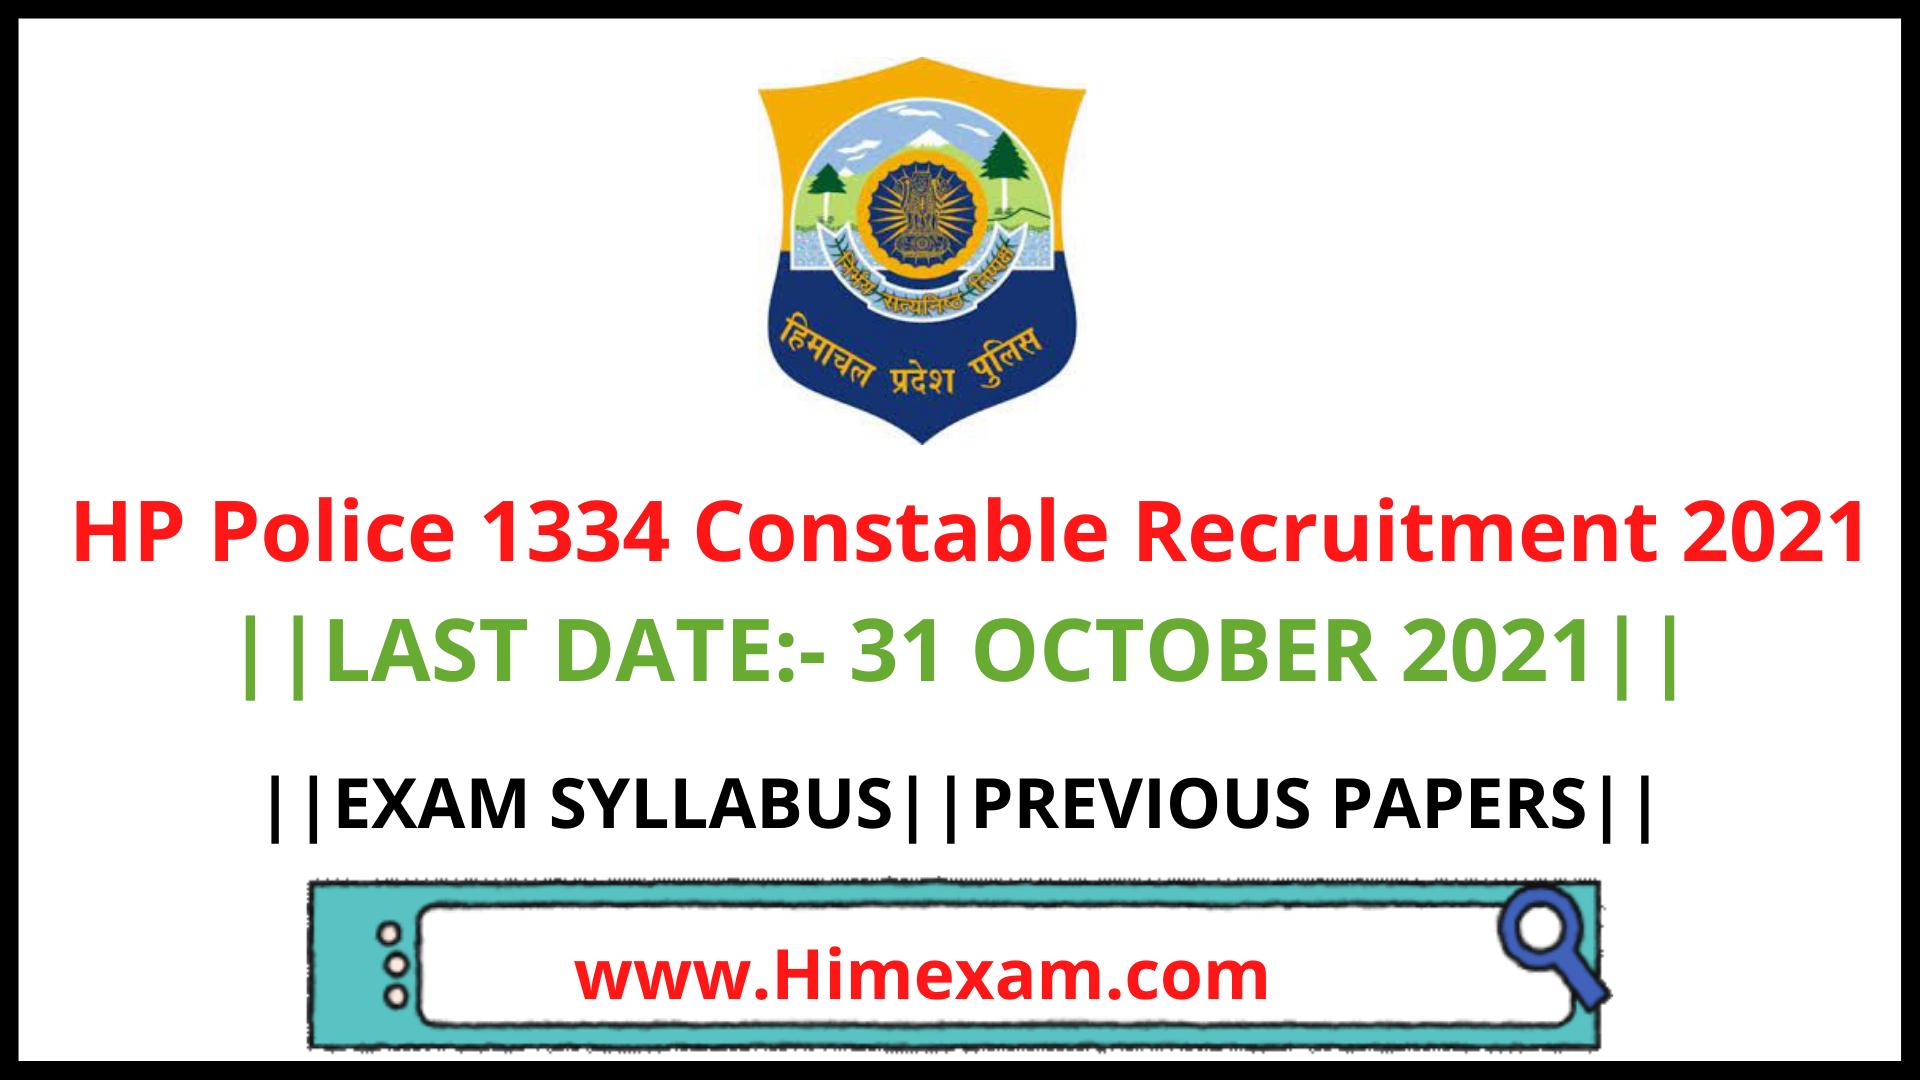 HP Police 1334 Constable Recruitment 2021